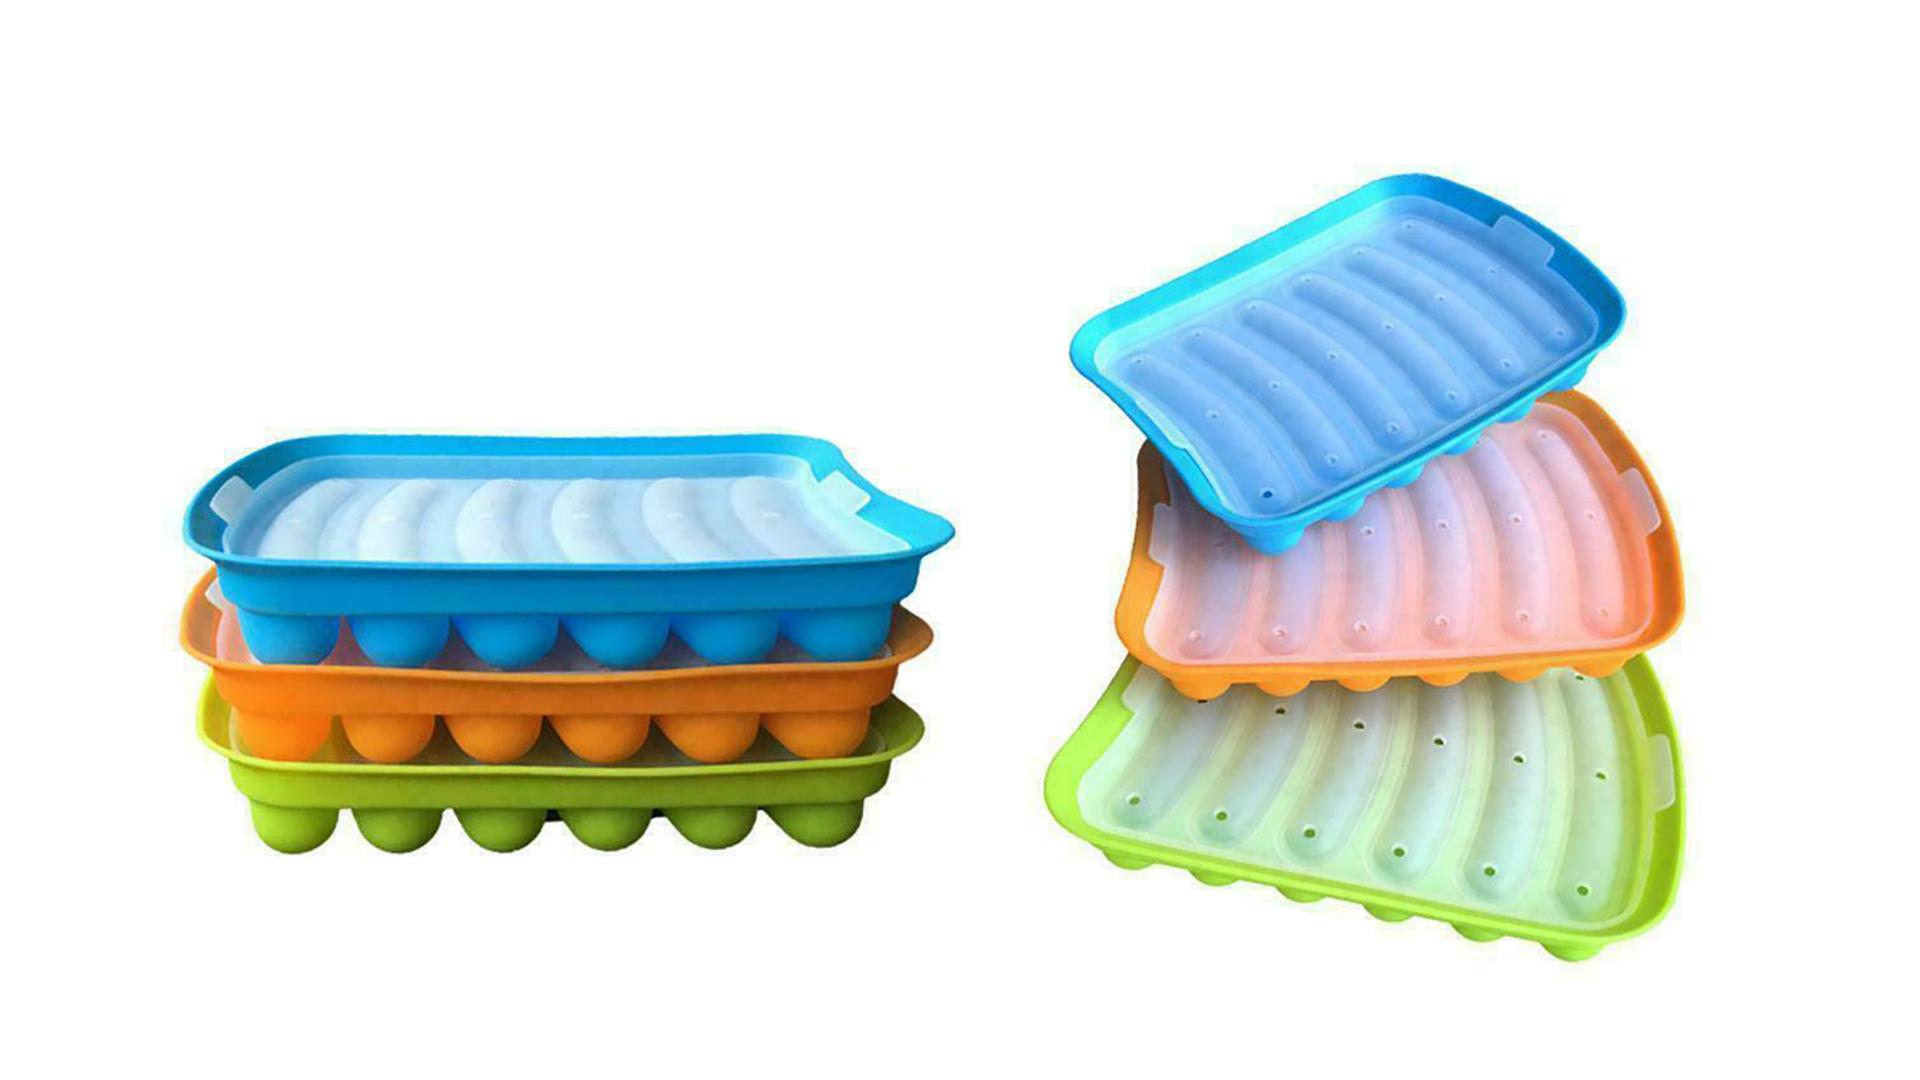 비 스틱 실리콘 소시지 몰드 핫도그 베이킹 금형 베이비의 보충 소시지 금형 DH-Silicone